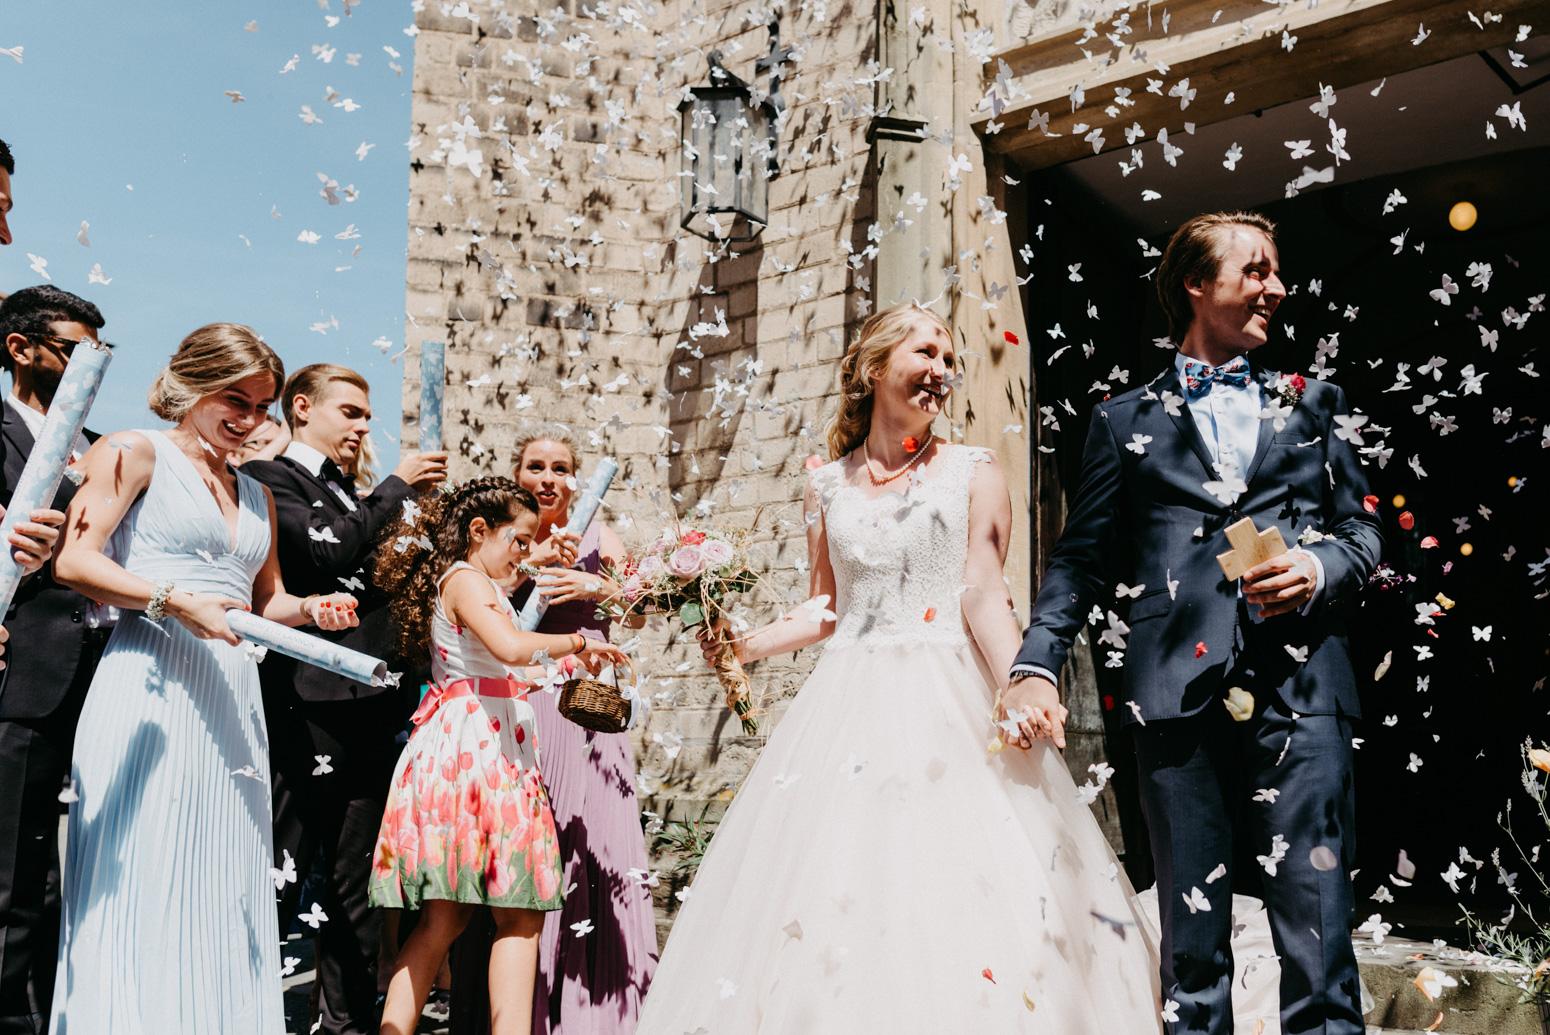 Fliegendes Konfetti beim Auszug des Brautpaares aus der Kirche. Hochzeitsfotografin Daria Becker von Genuine Bonds aus Bonn